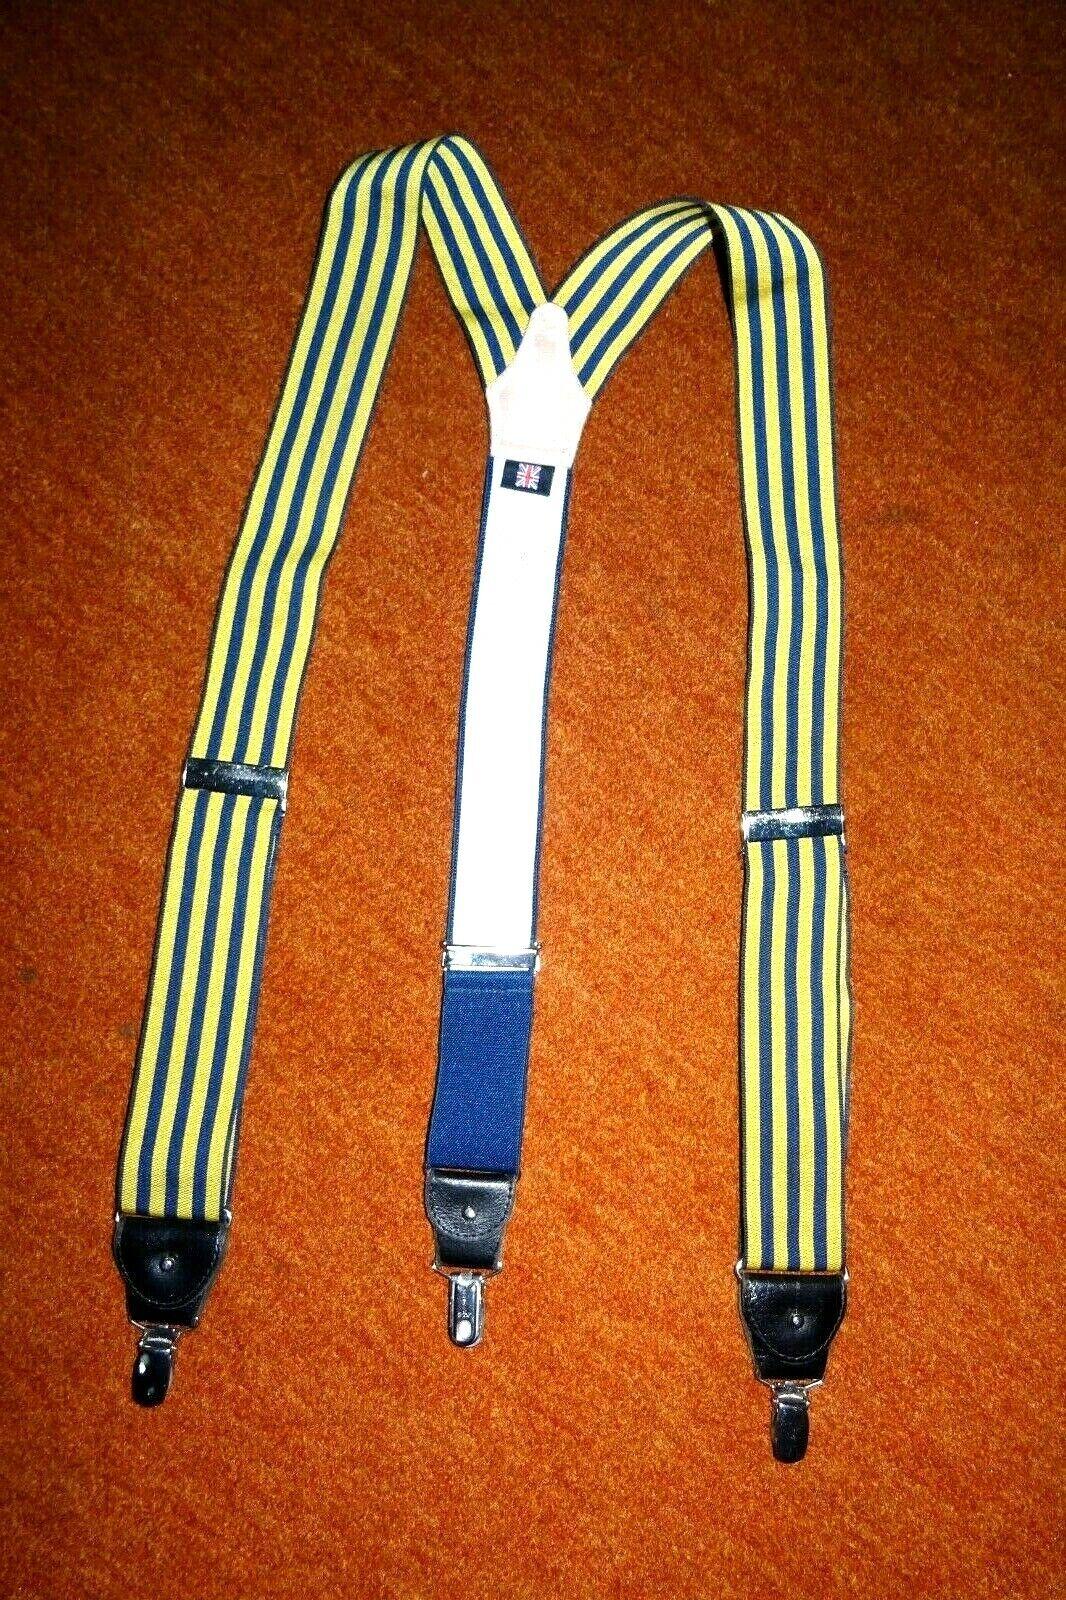 Englische Hosenträger Luxus ALBRT THURSTON Y-Form Ledergarnituren Streifen